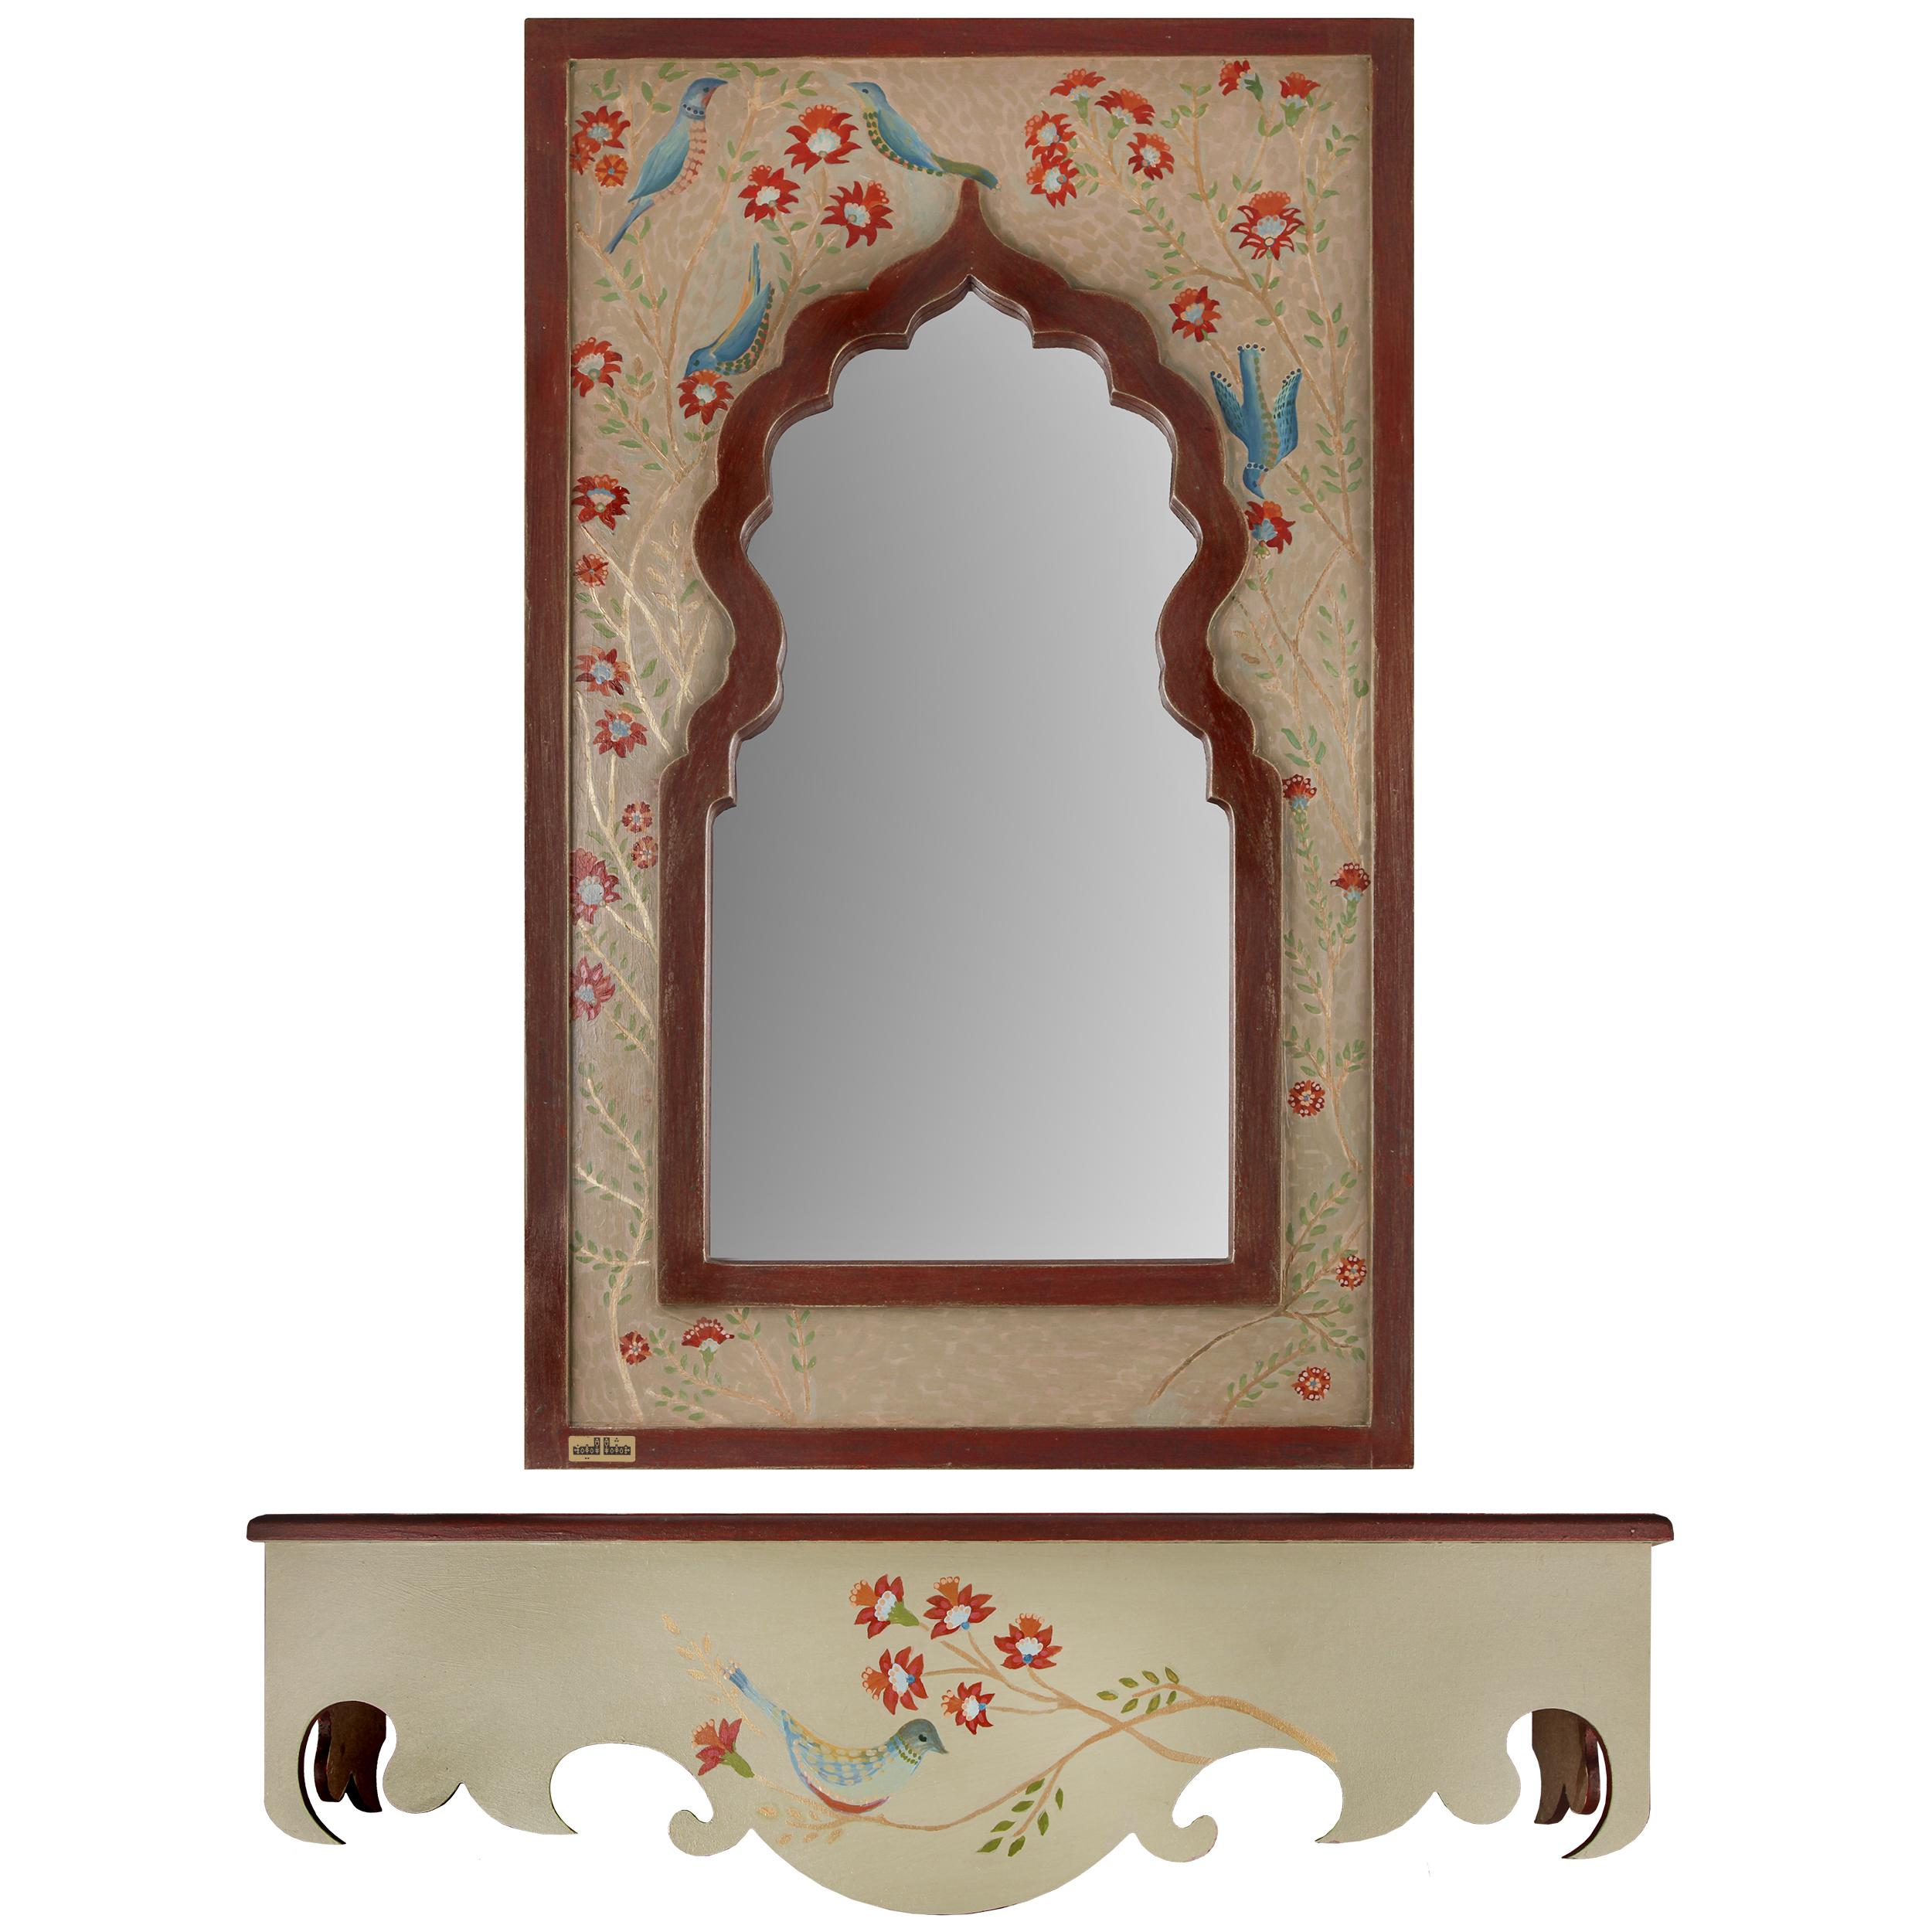 آینه و کنسول مثالین مدل گل و مرغ کد 314042